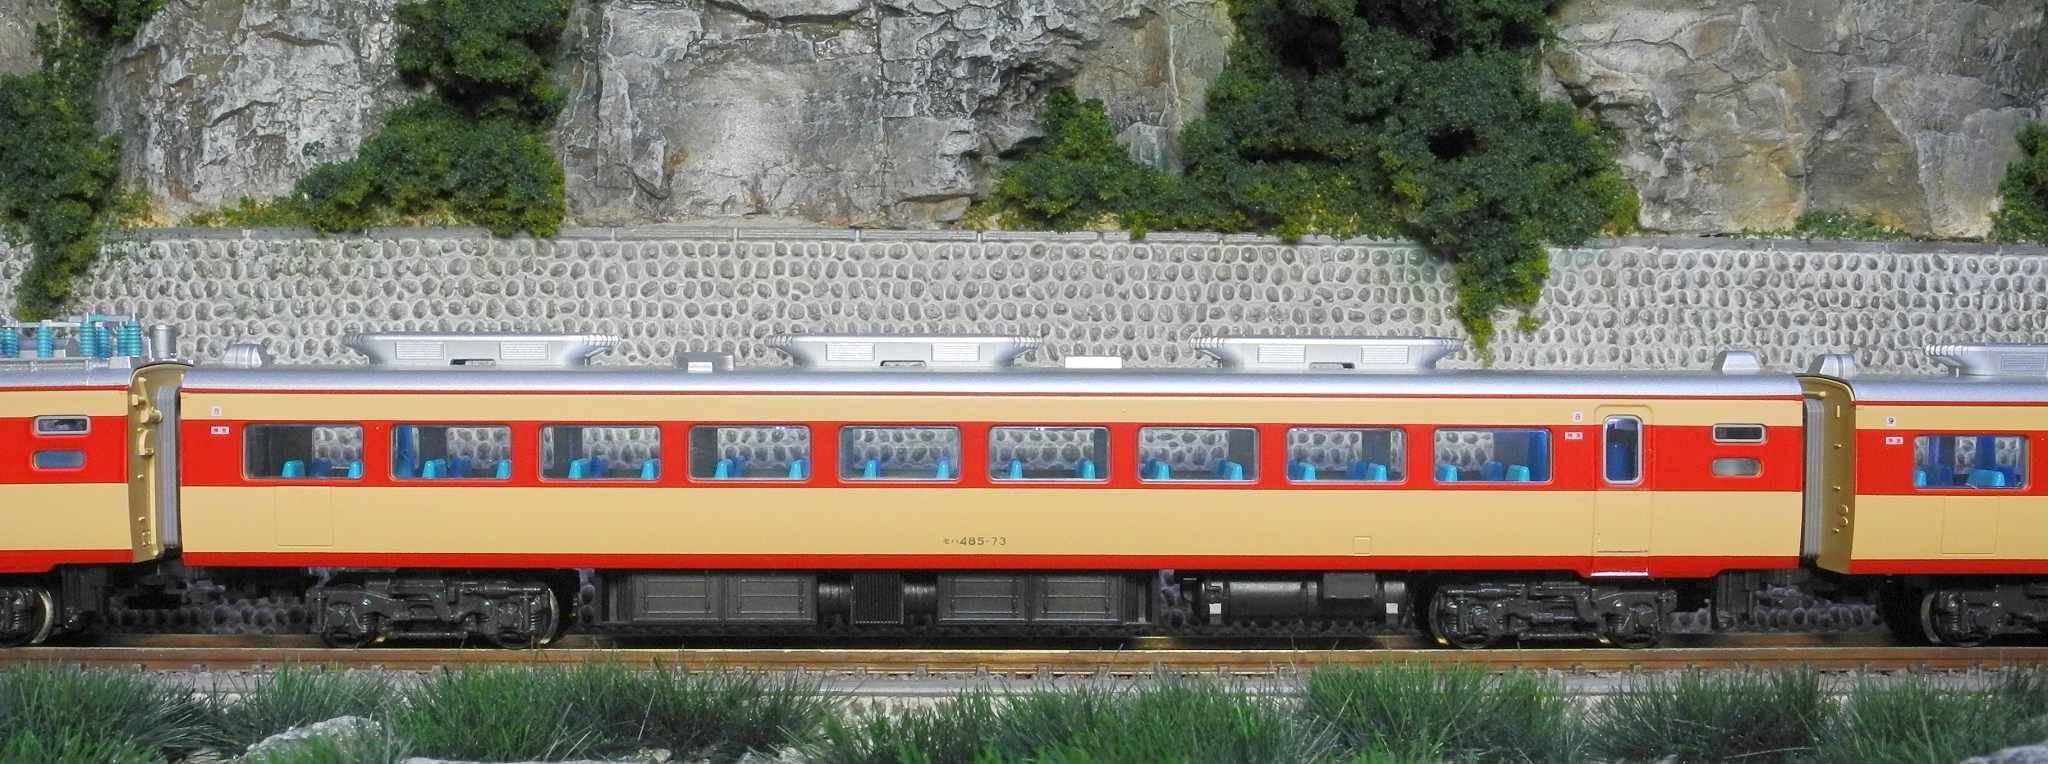 DSCN9918-1.jpg